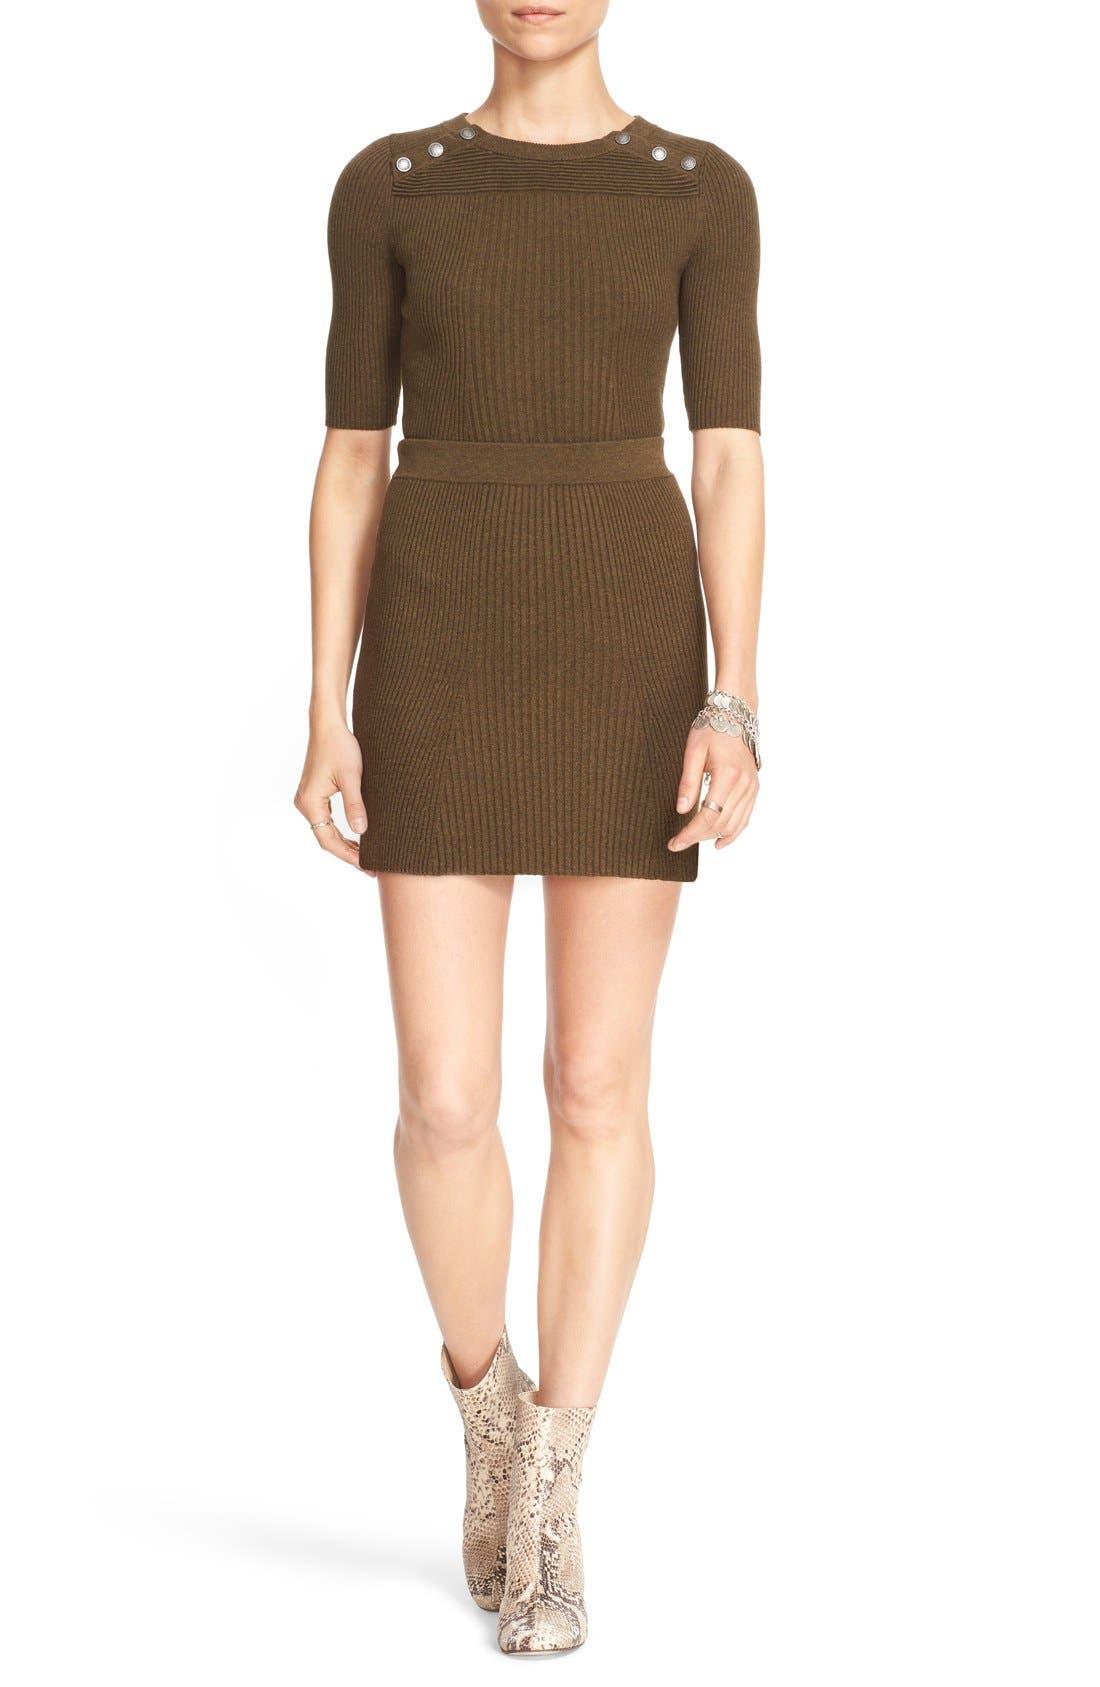 Main Image - Free People 'Little Minx' Cotton Sweater & Miniskirt